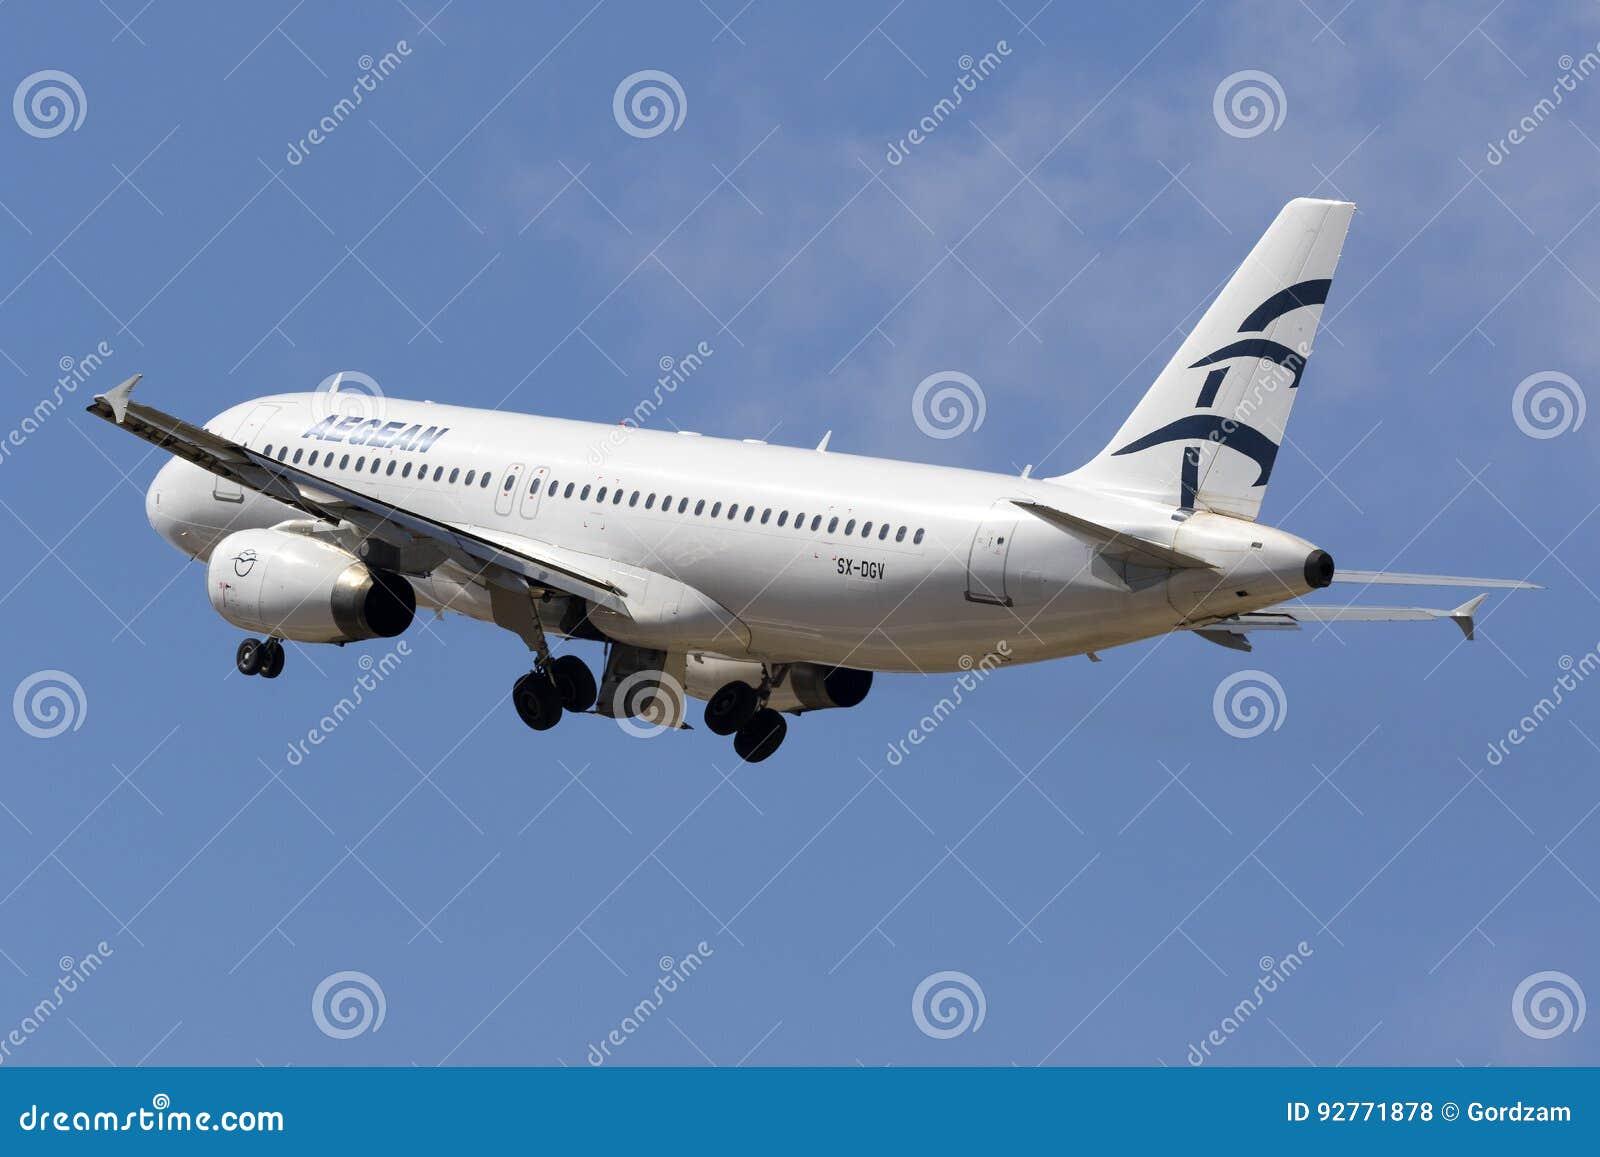 爱琴海A320离开